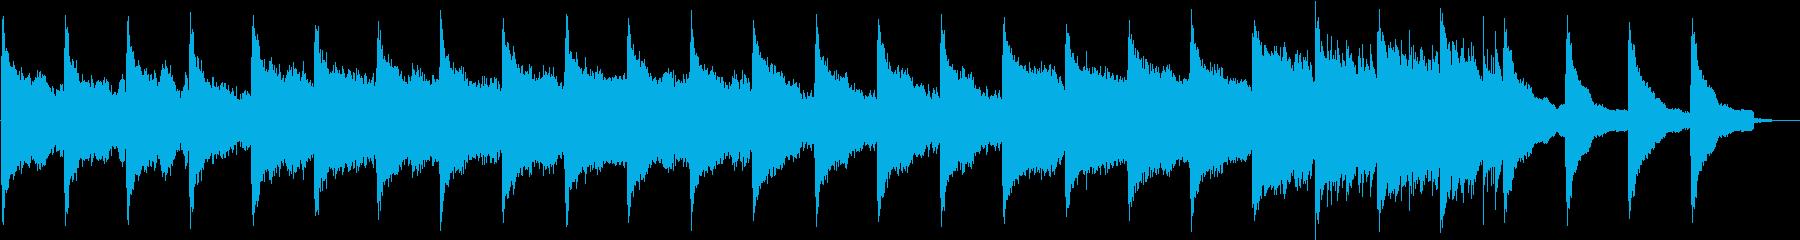 切なくノスタルジックなBGMの再生済みの波形